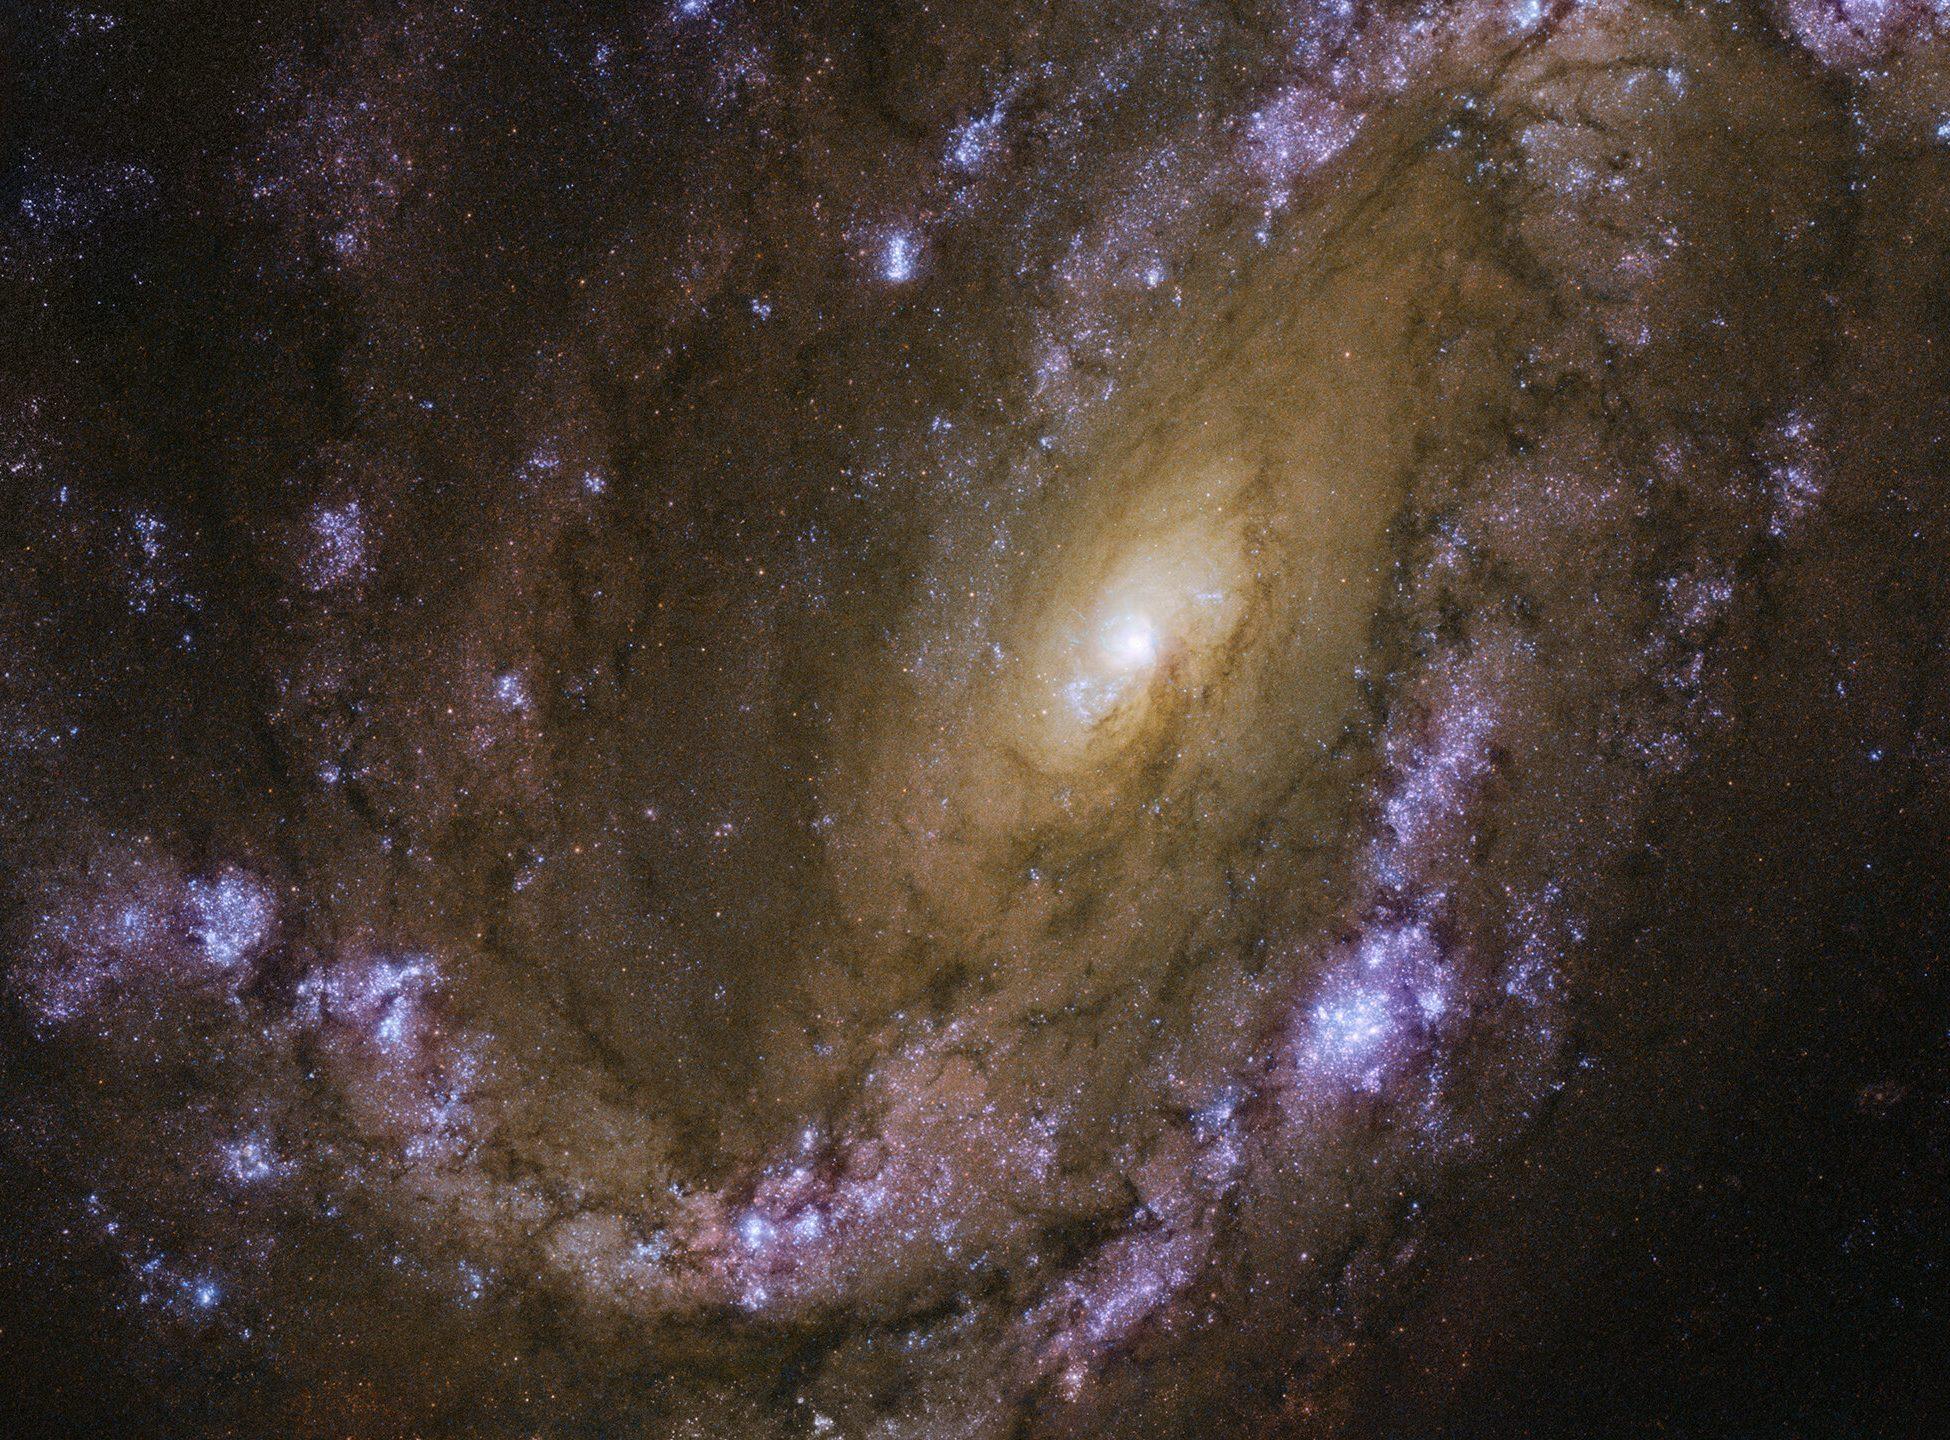 фотографии космического телескопа хаббл обычной